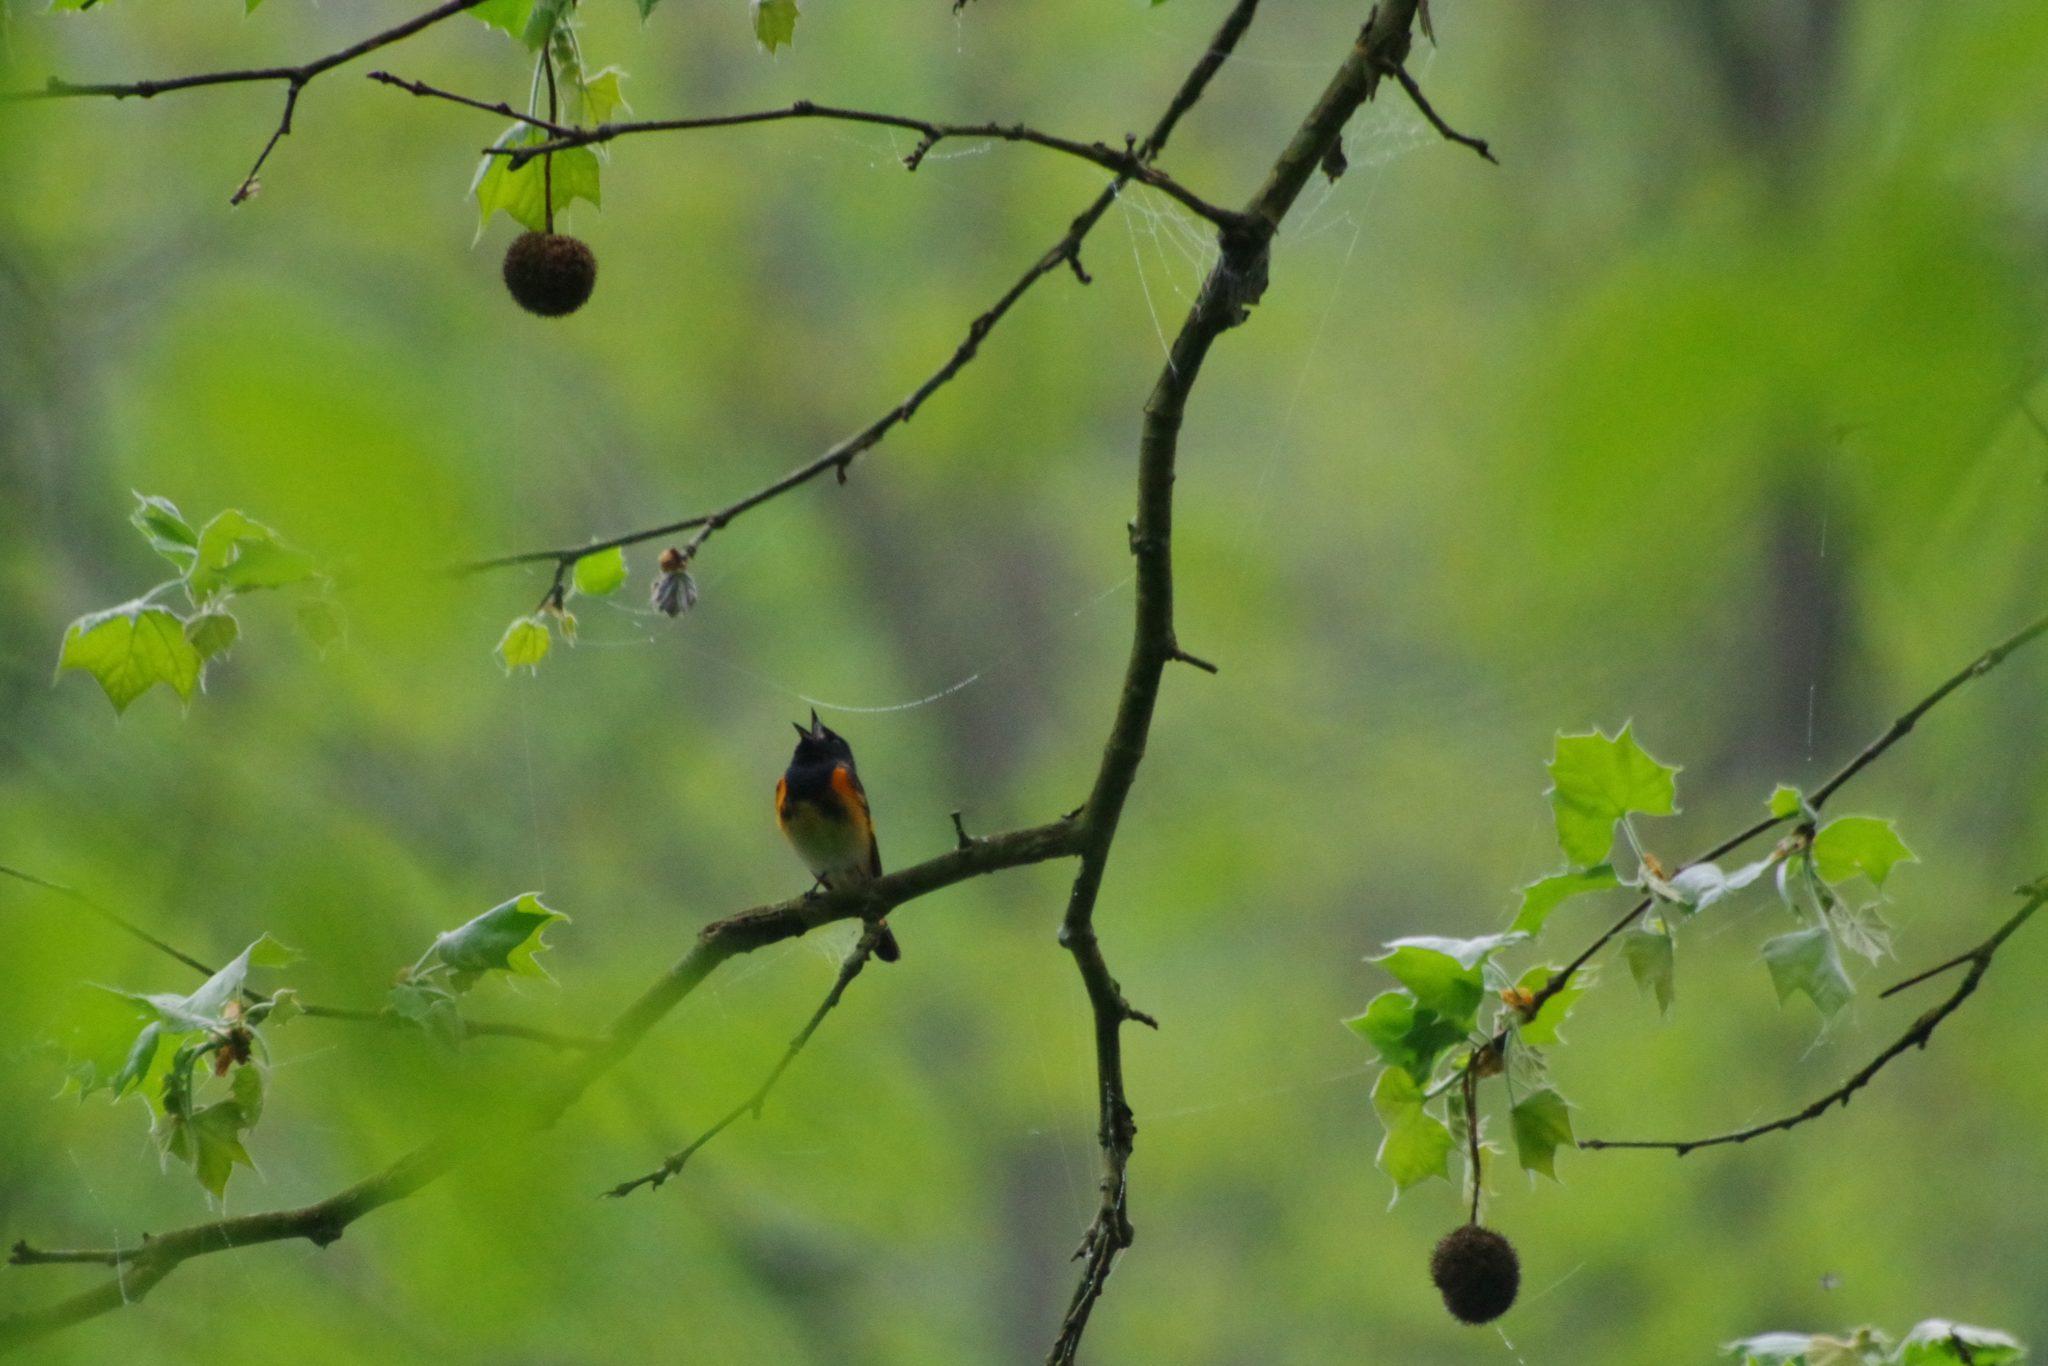 American Redstart in a tree